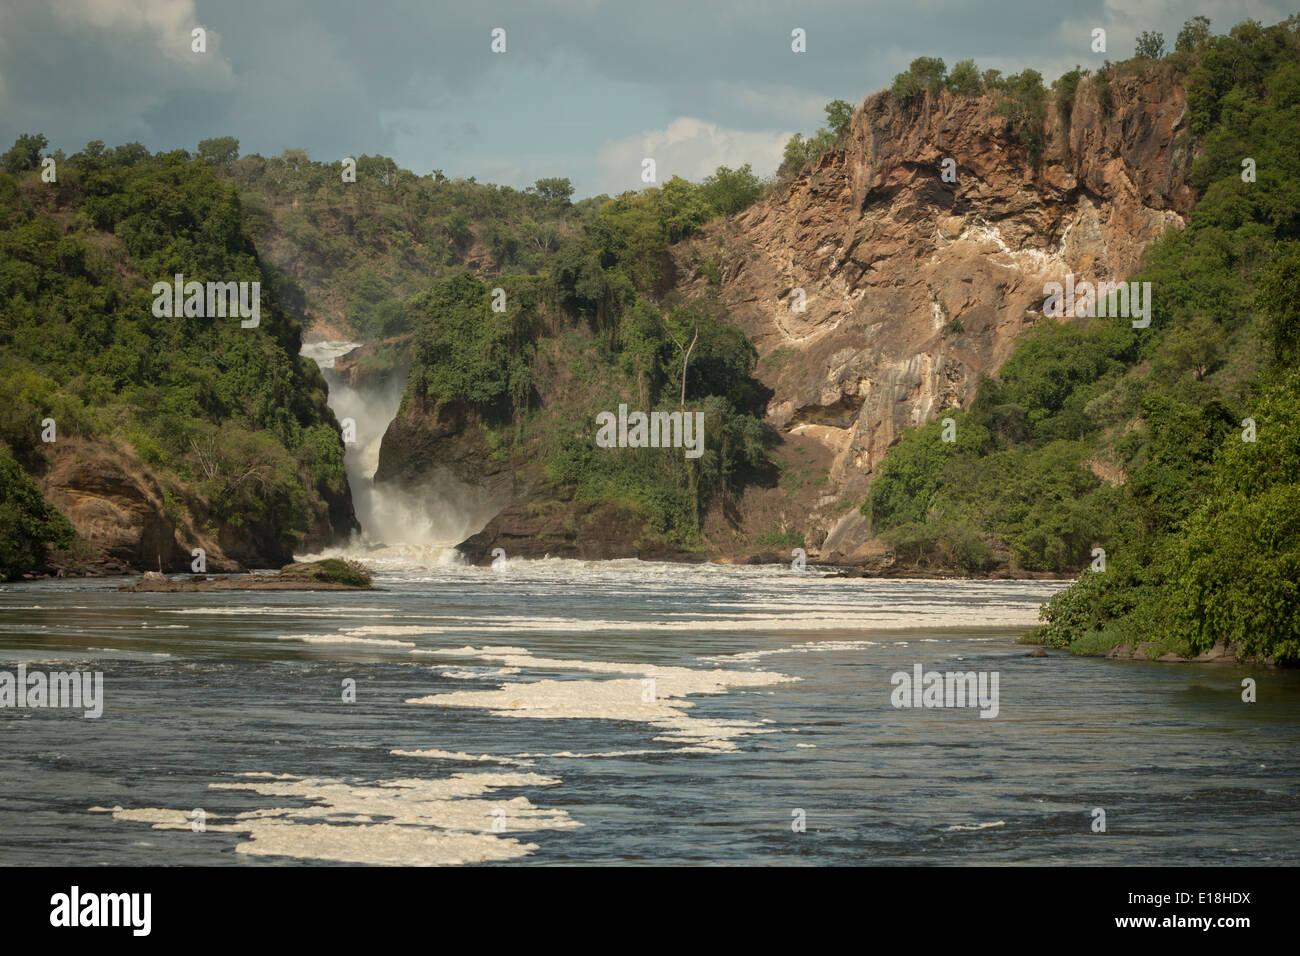 De Murchison Falls en el río Nilo - Uganda, África Oriental. Imagen De Stock